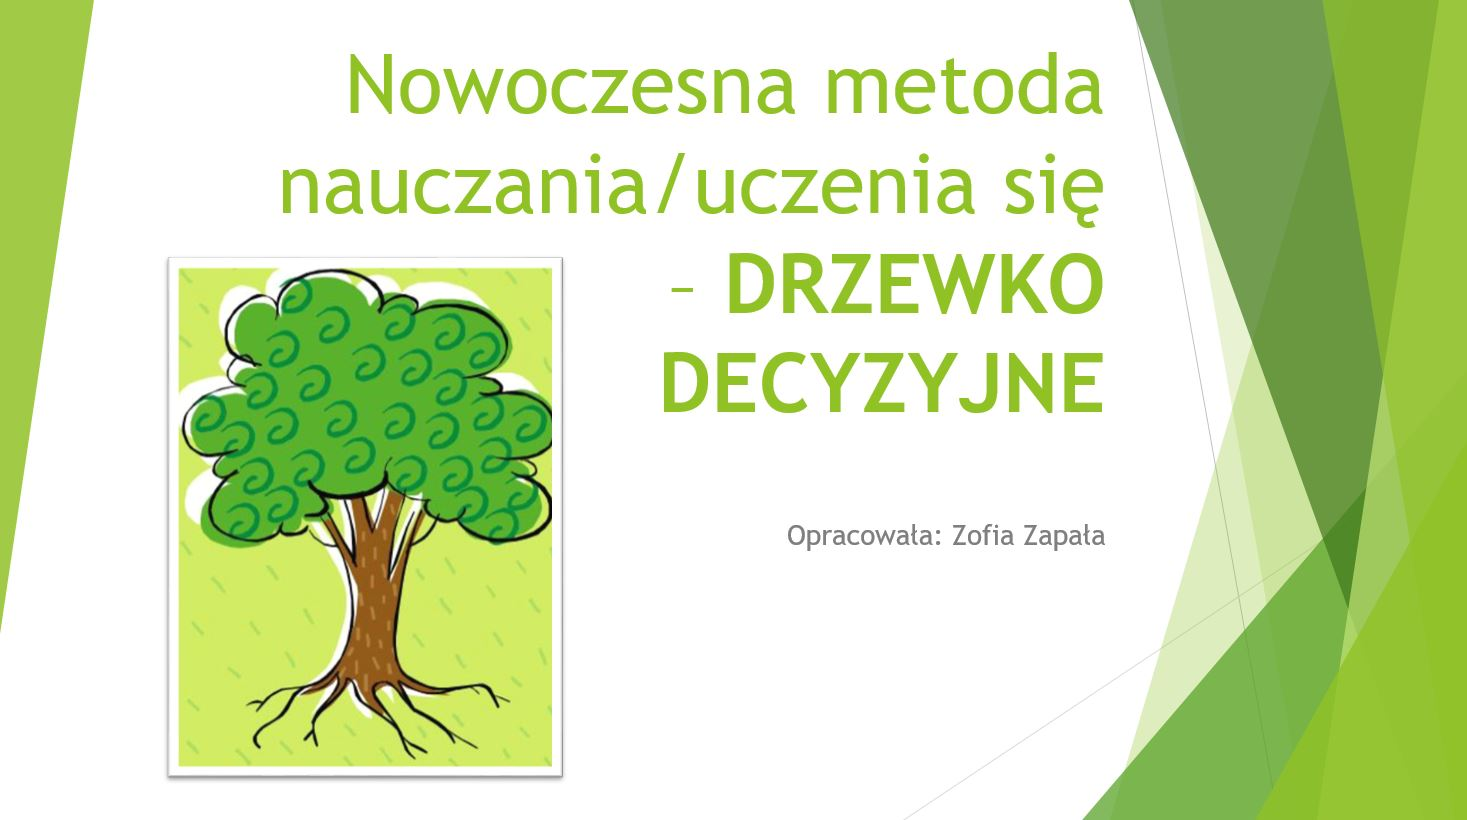 Drzewko decyzyjne - oprac. Zofia Zapała